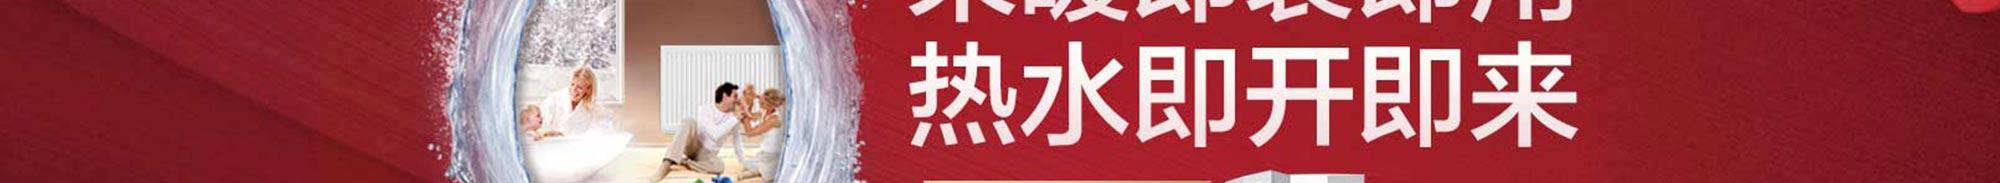 绵阳暖气价格_绵阳地暖安装_绵阳暖气安装公司_绵阳采暖品牌 - 绵阳A.O.史密斯采暖特惠促销 -